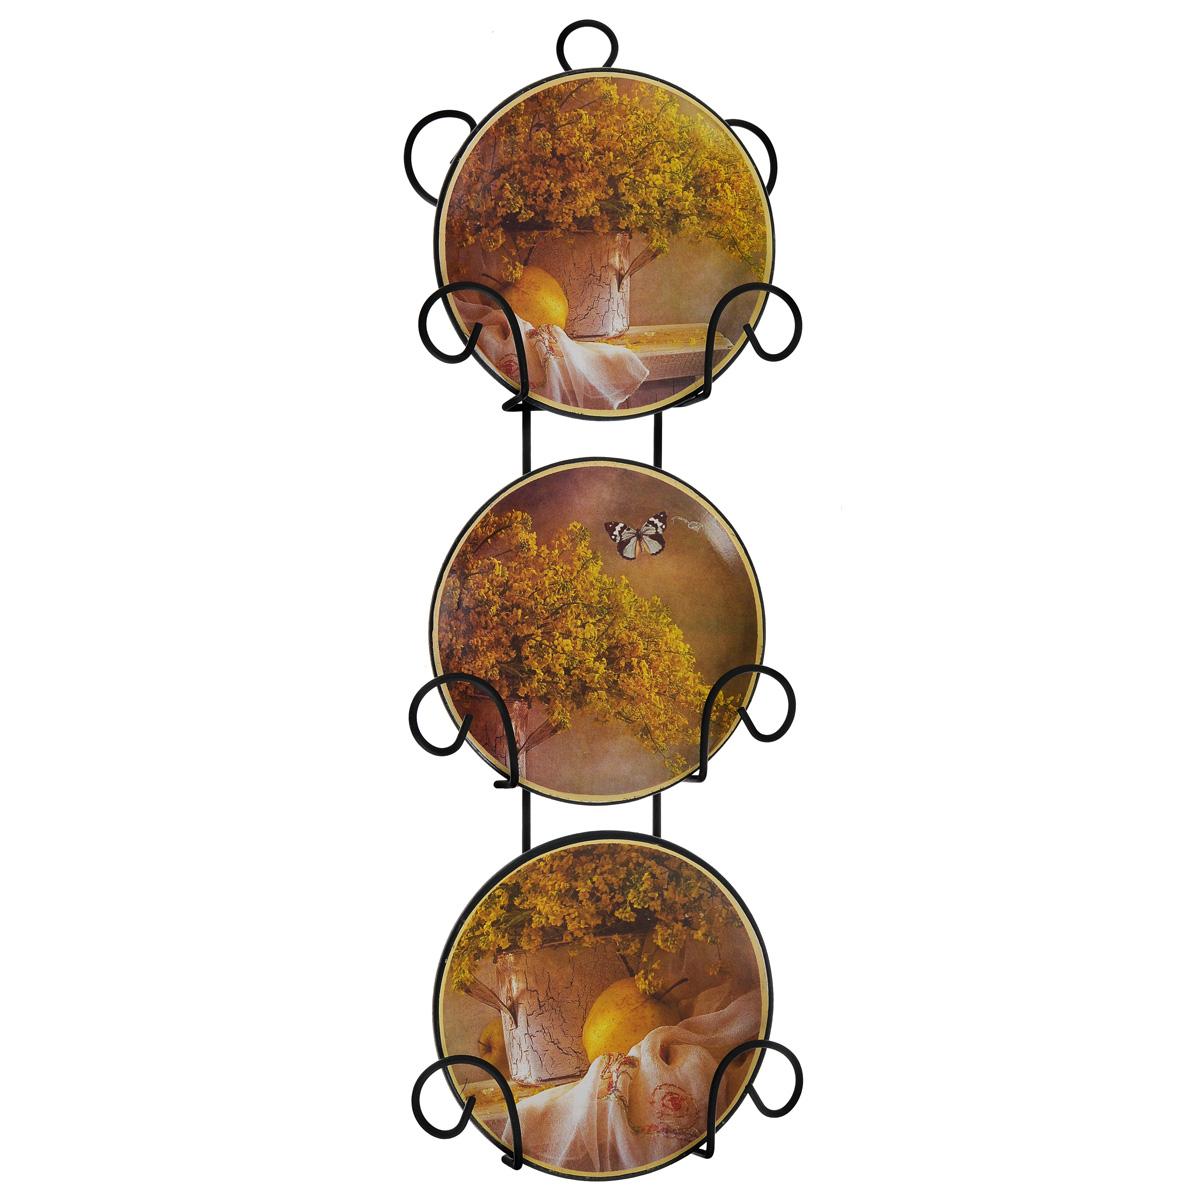 Набор декоративных тарелок Феникс-Презент, диаметр 10 см, 3 шт54 009312Набор из трех декоративных тарелок с ярким рисунком украсят практически любое ваше помещение, будь то кухня, столовая, гостиная, холл и будут являться необычным дизайнерским решением. Тарелки выполнены из доломитовой керамики, подставка в виде вертикальной этажерки,благодаря которой сувенир удобно и быстро крепится к стене, - из черного металла. Каждая тарелочка, декорированная изображениями свежей зелени и бабочки, помещается в отдельную нишу. Очаровательный набор декоративных тарелок - замечательный подарок друзьям и близким людям. Размер тарелки (без подставки): 10 см х 10 см х 1,5 см. Размер сувенира с подставкой: 2,5 см х 11,5 см х 33 см.